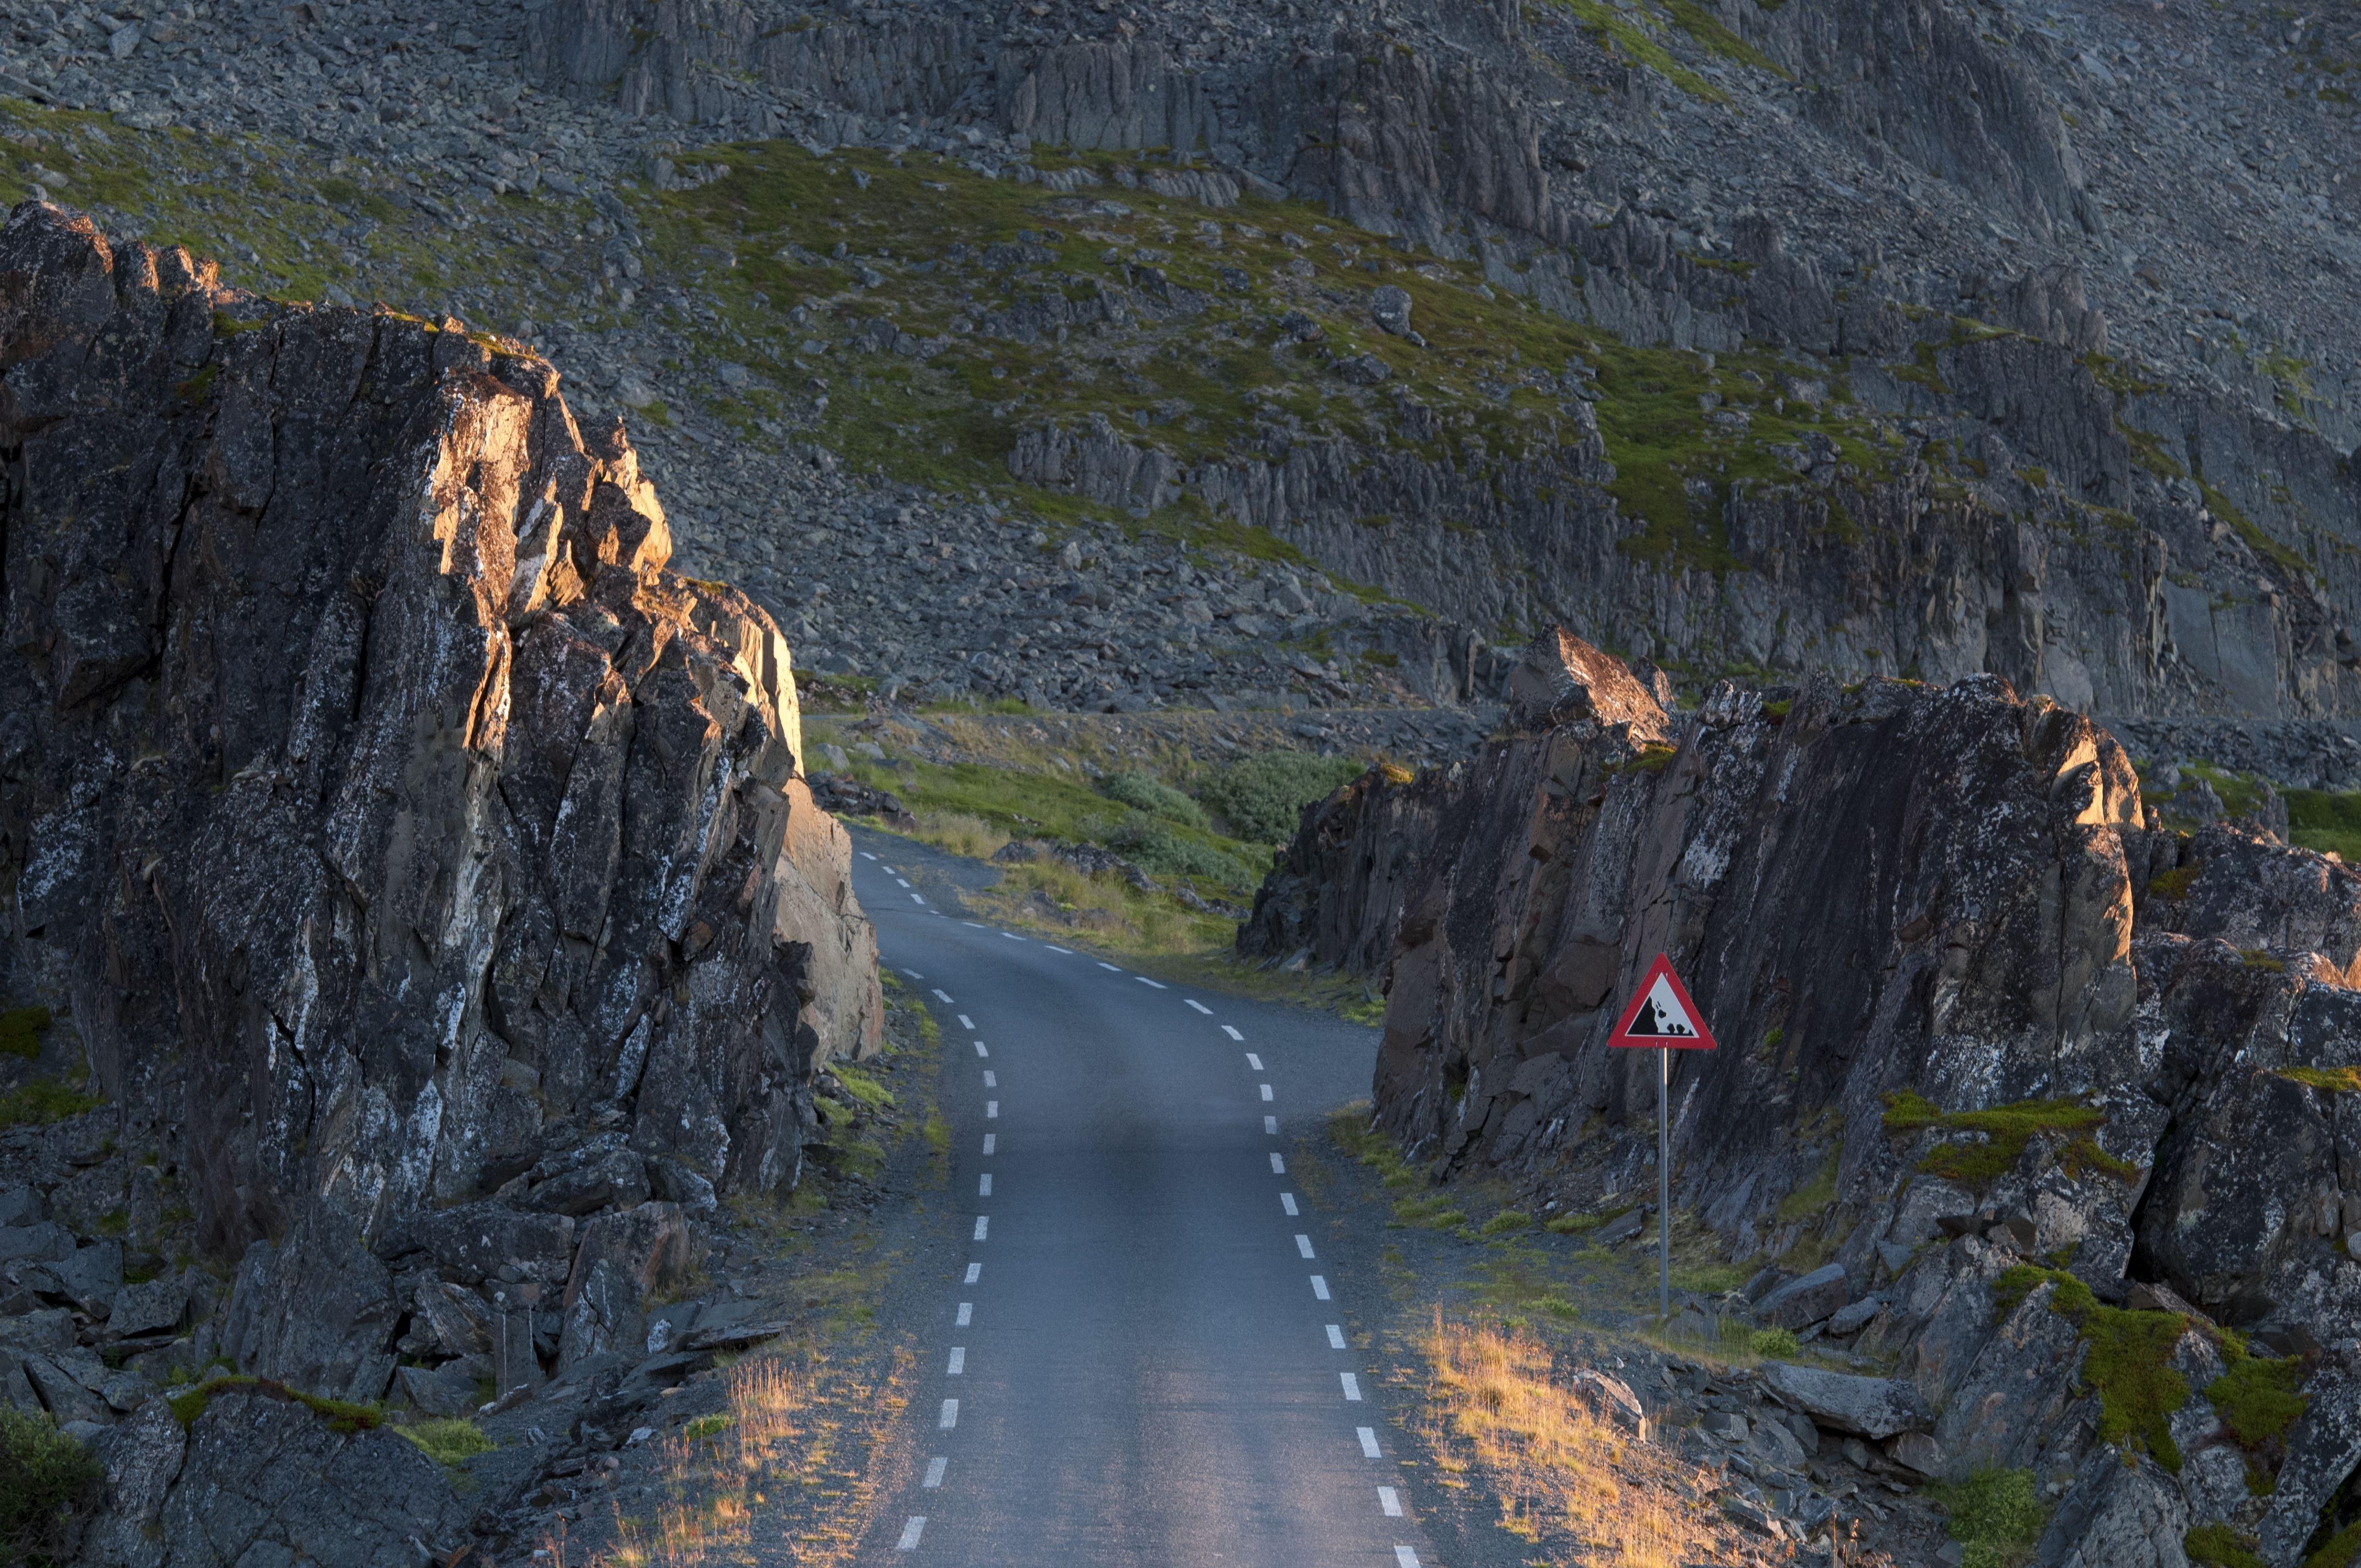 Nasjonal turistvei Varanger - Hamningberg